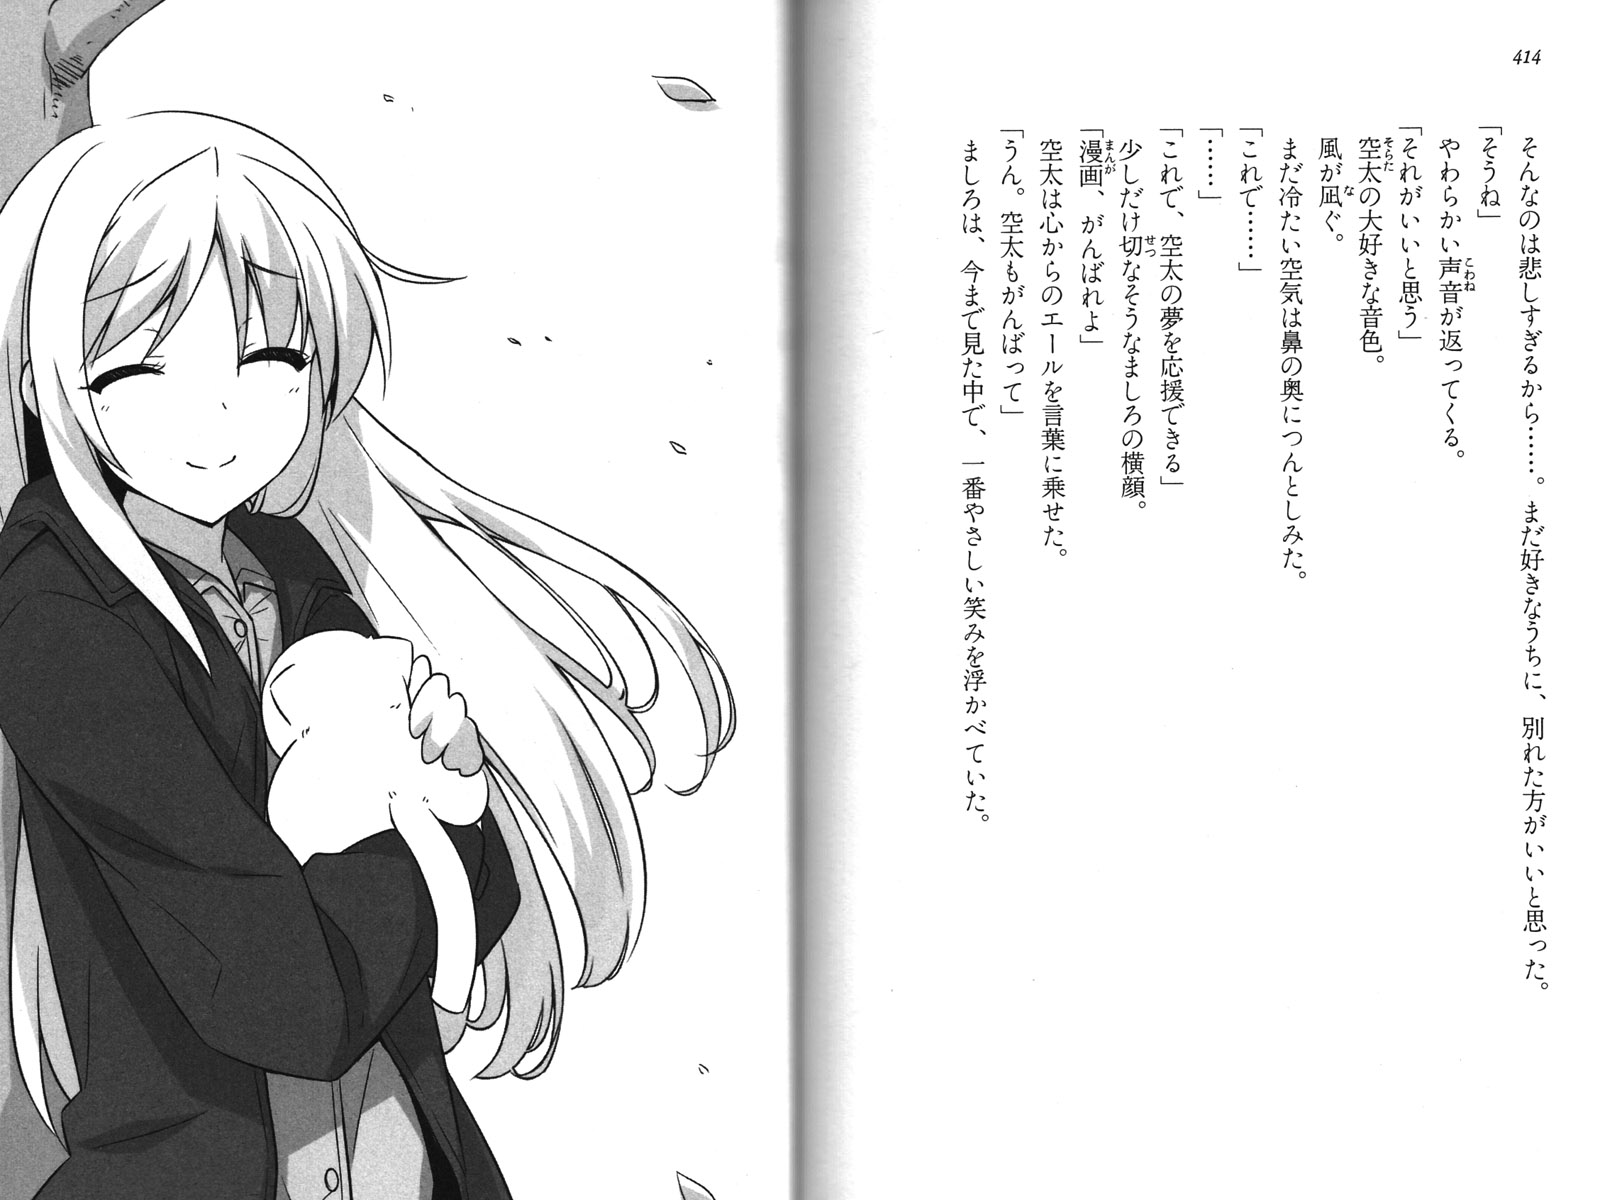 final de sakurasou após o anime